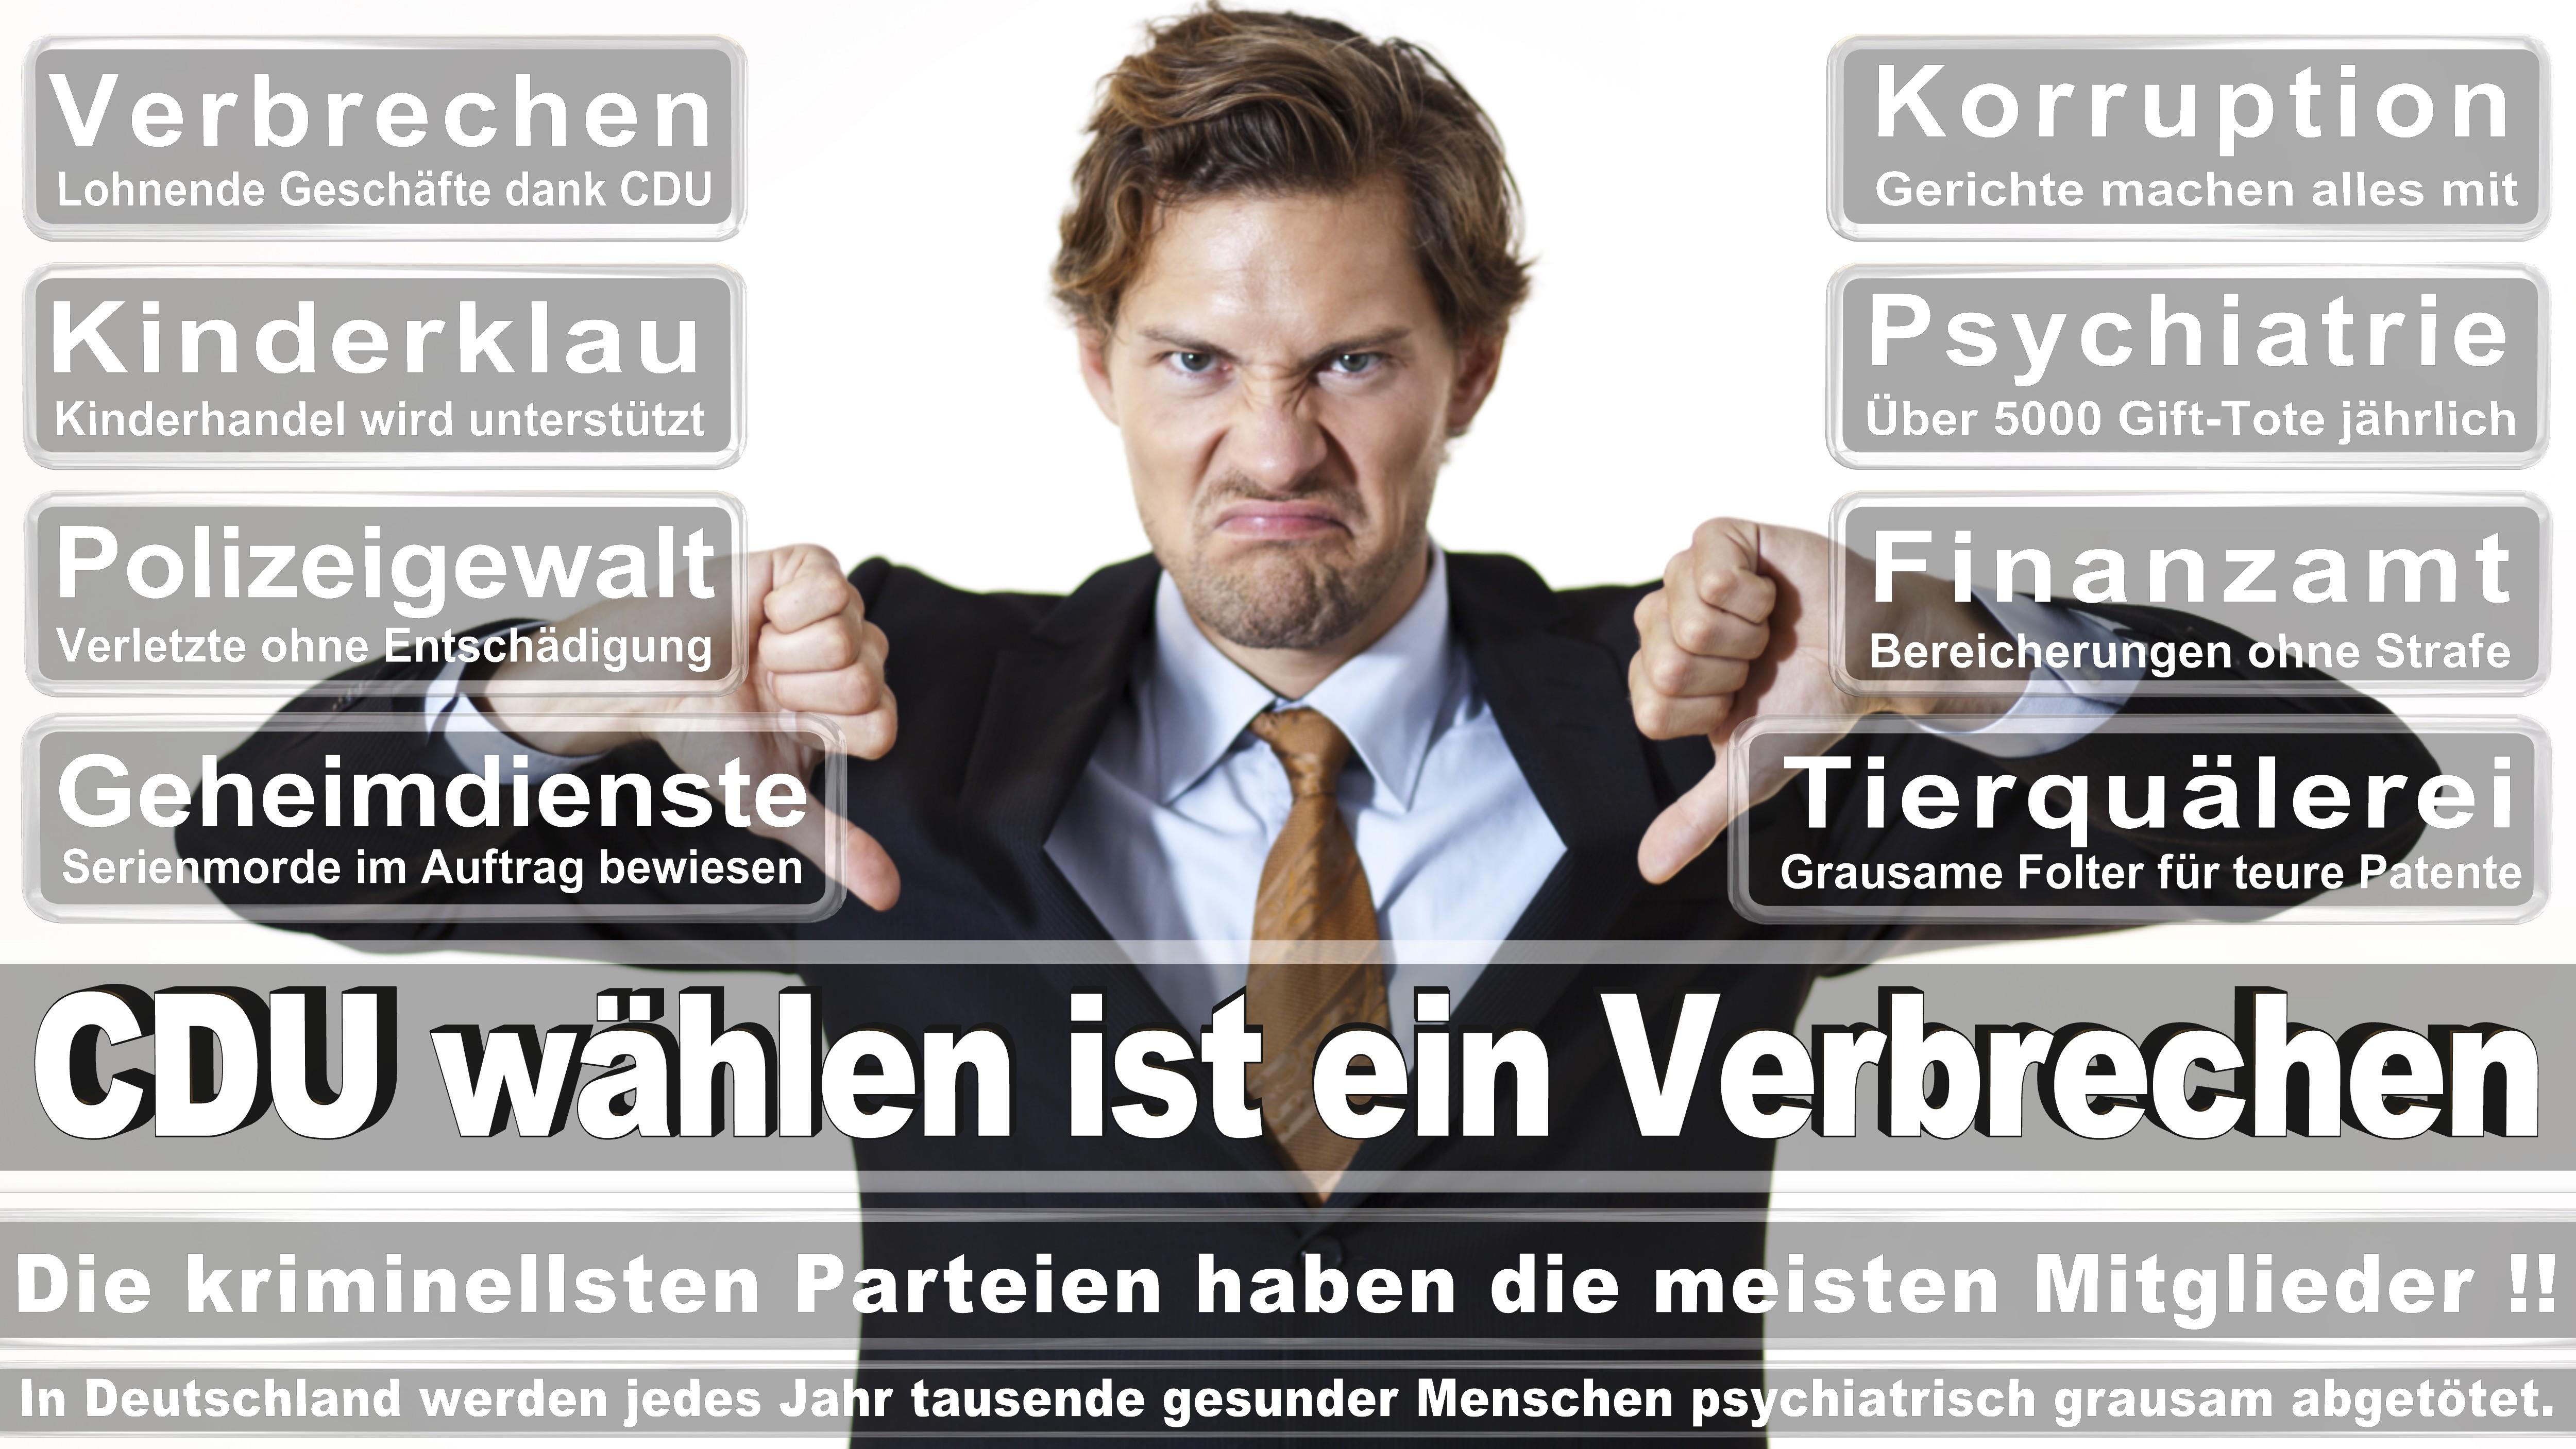 Torsten Schweiger CDU CSU Politiker